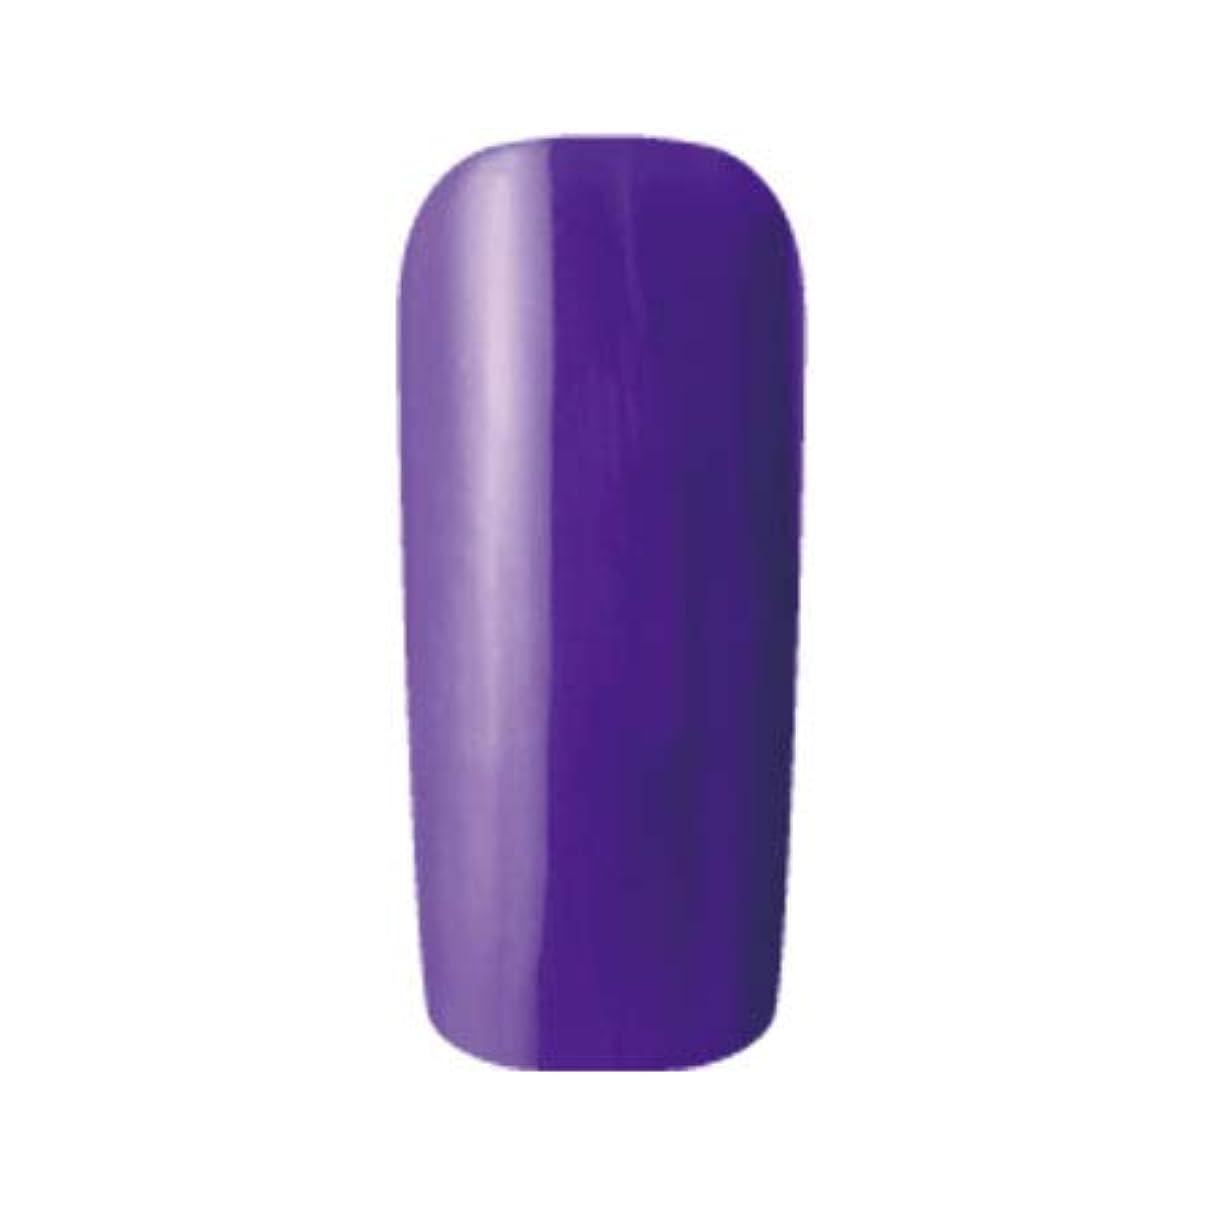 ましい緊張する非常に怒っていますFleurir Color Gel フルーリアカラージェル C15 シコン 4ml